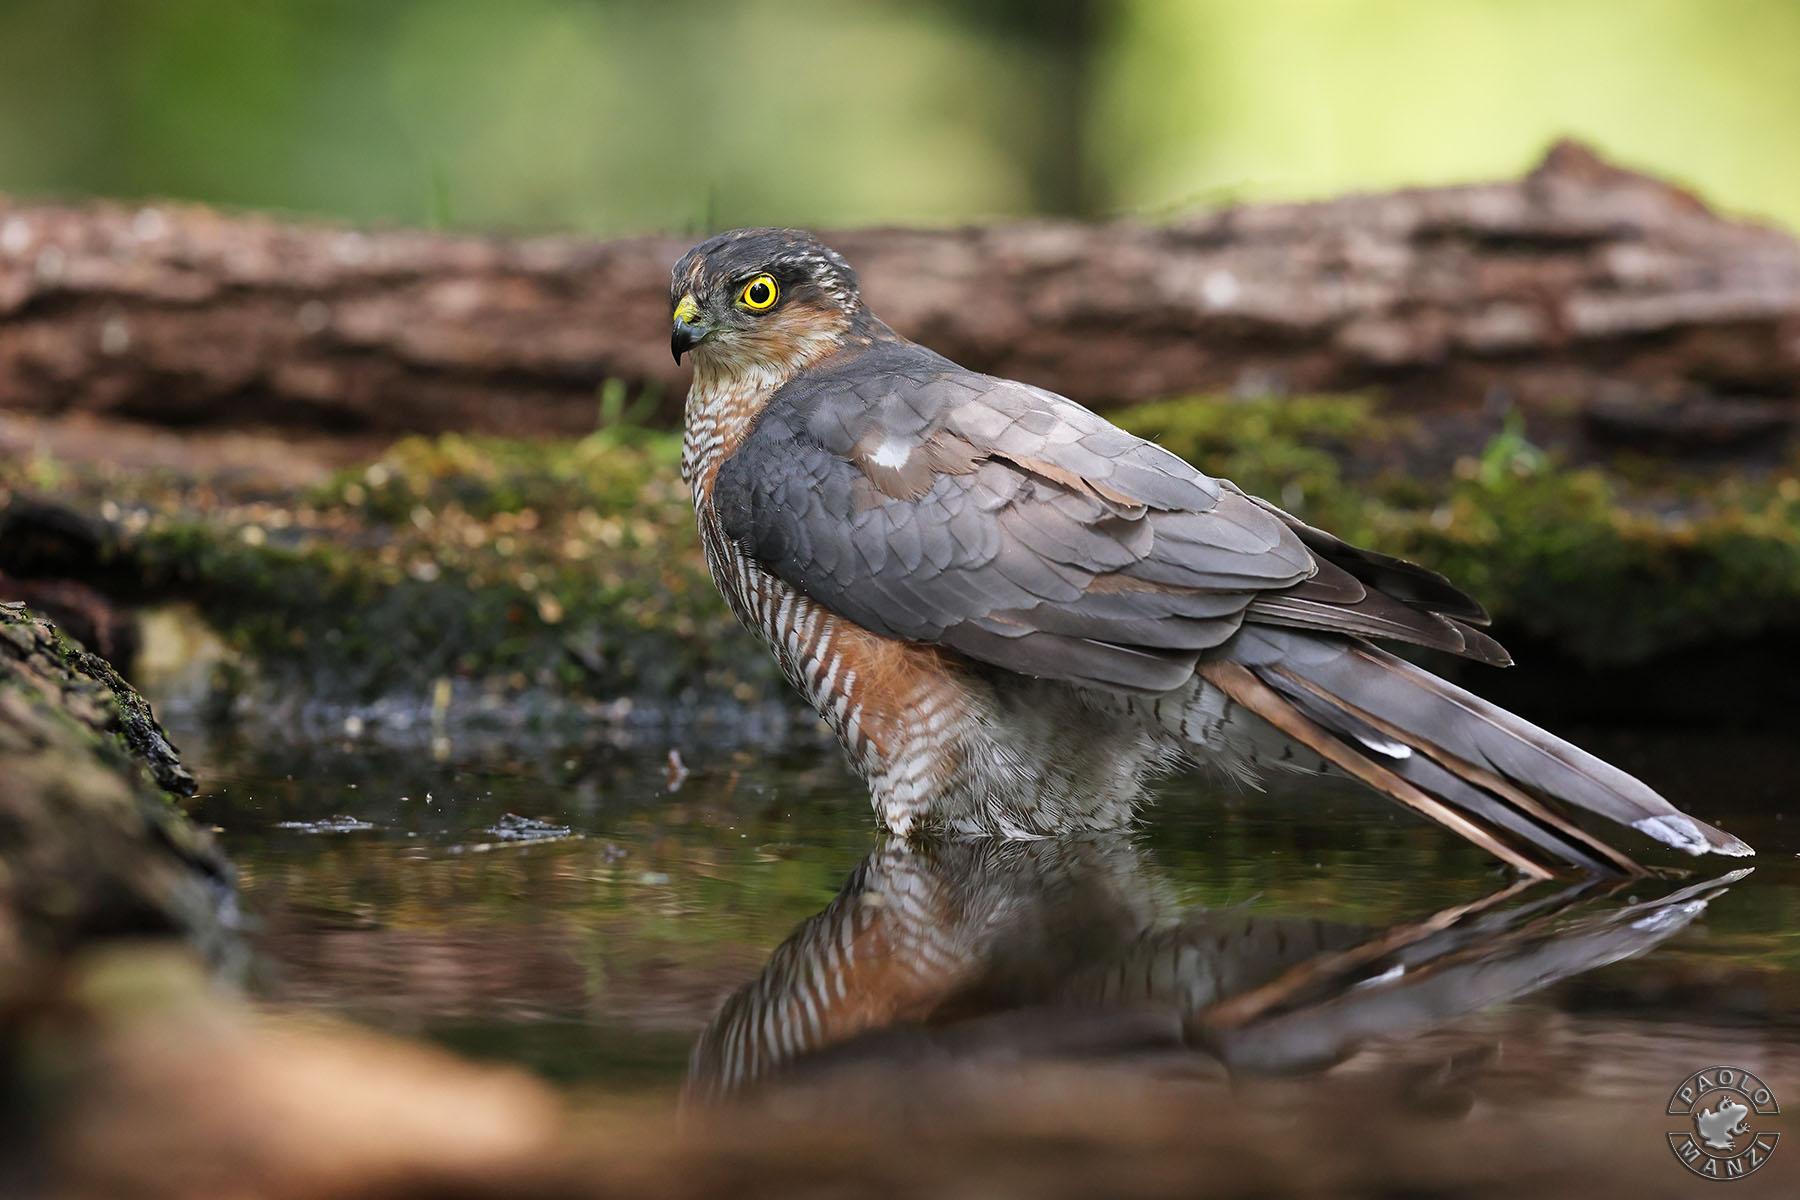 Sparrowhawk at the bathroom...